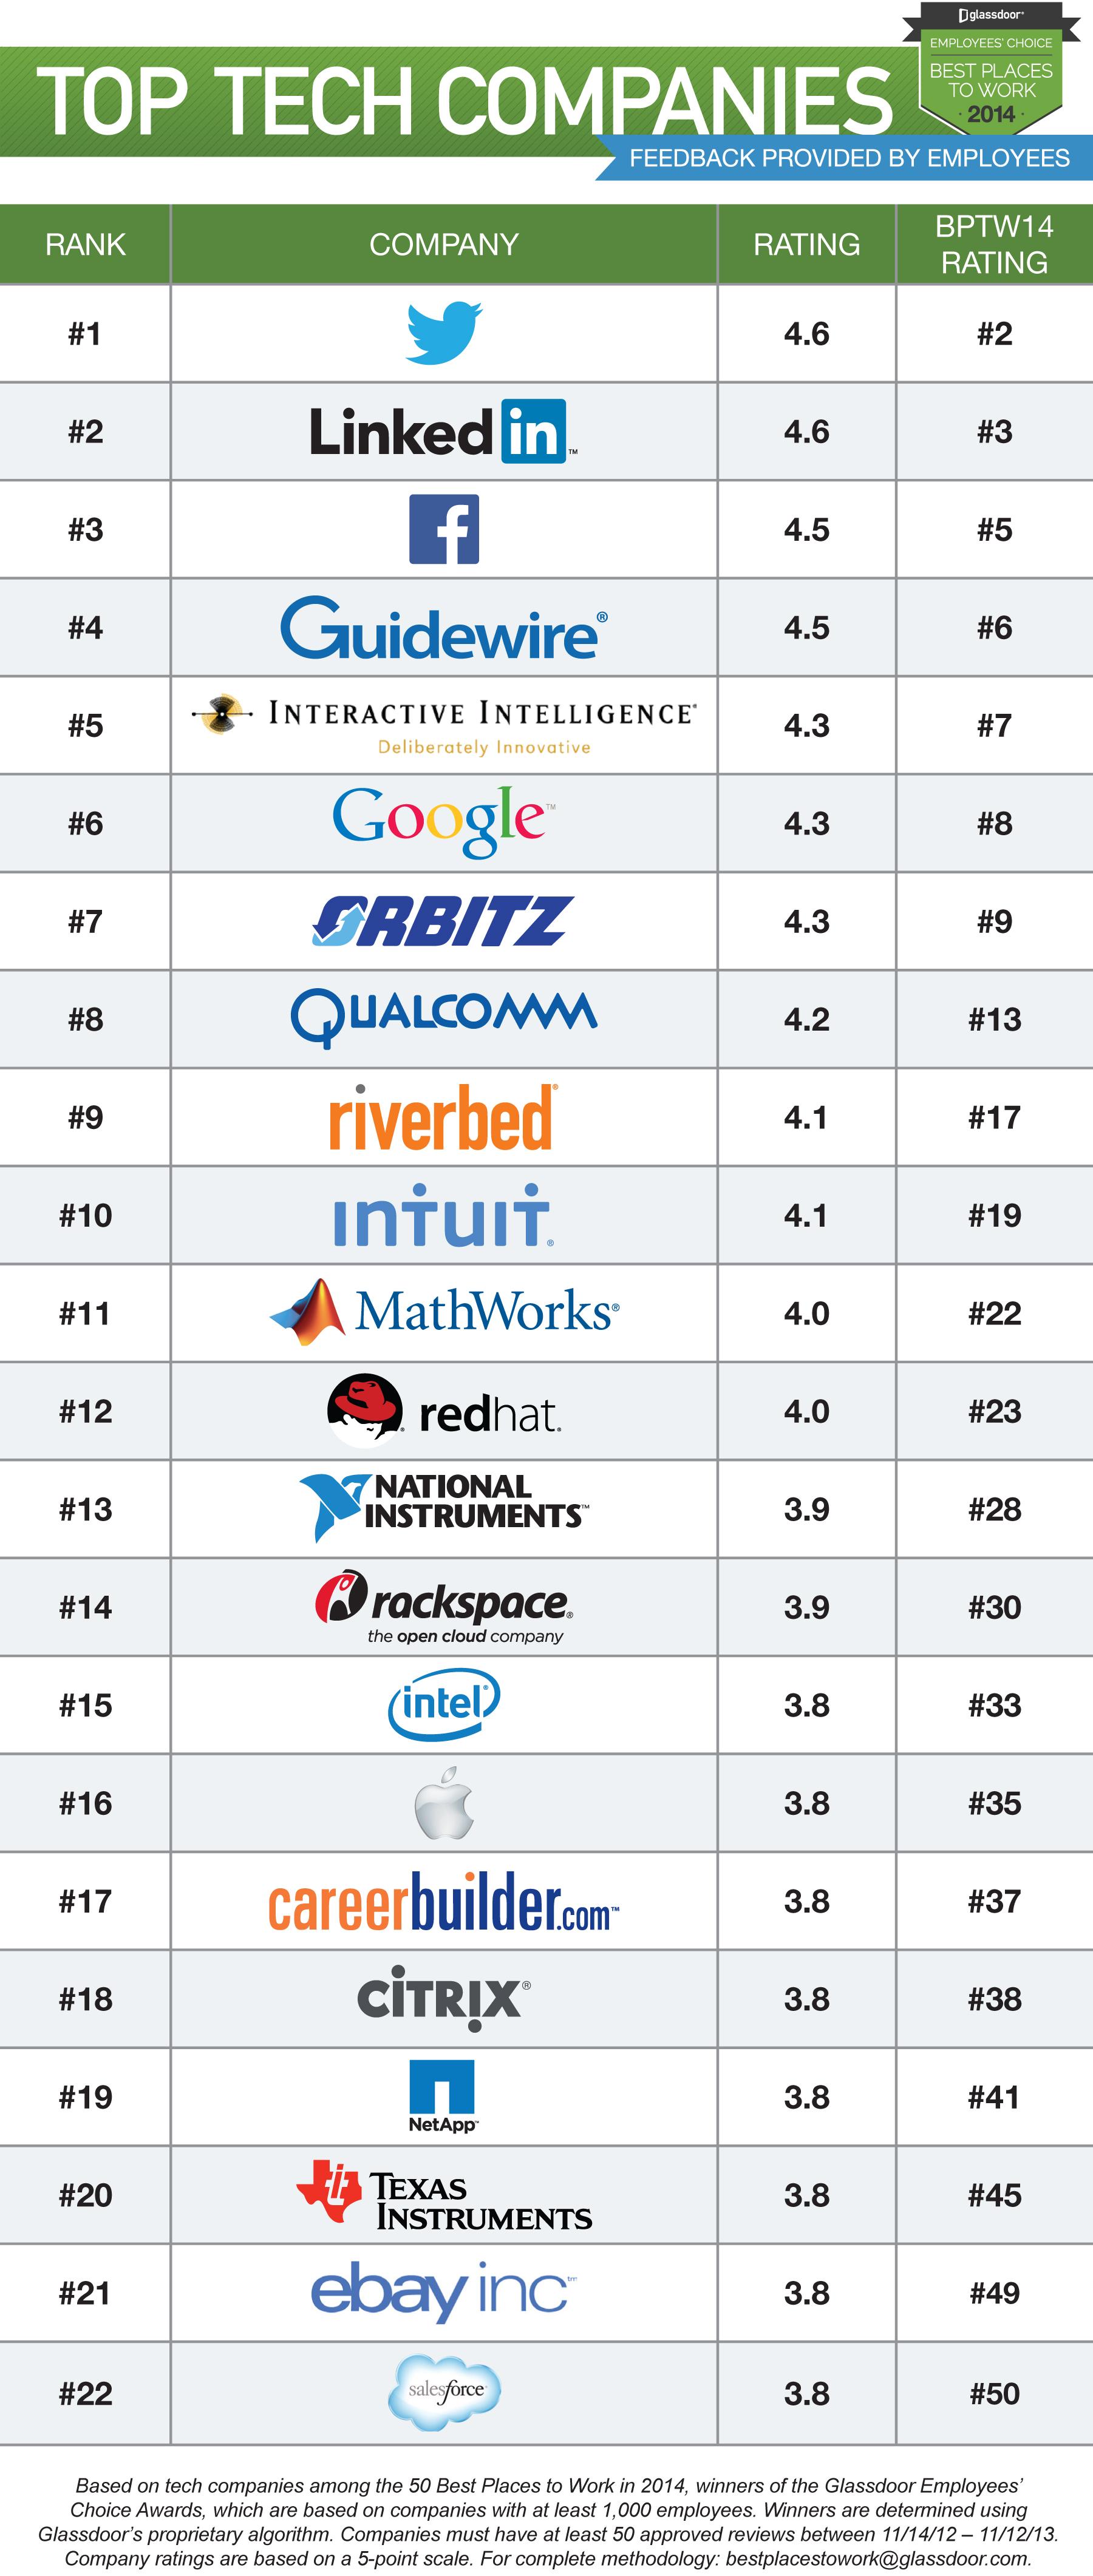 أفضل الشركات التقنية في مجال بئية العمل